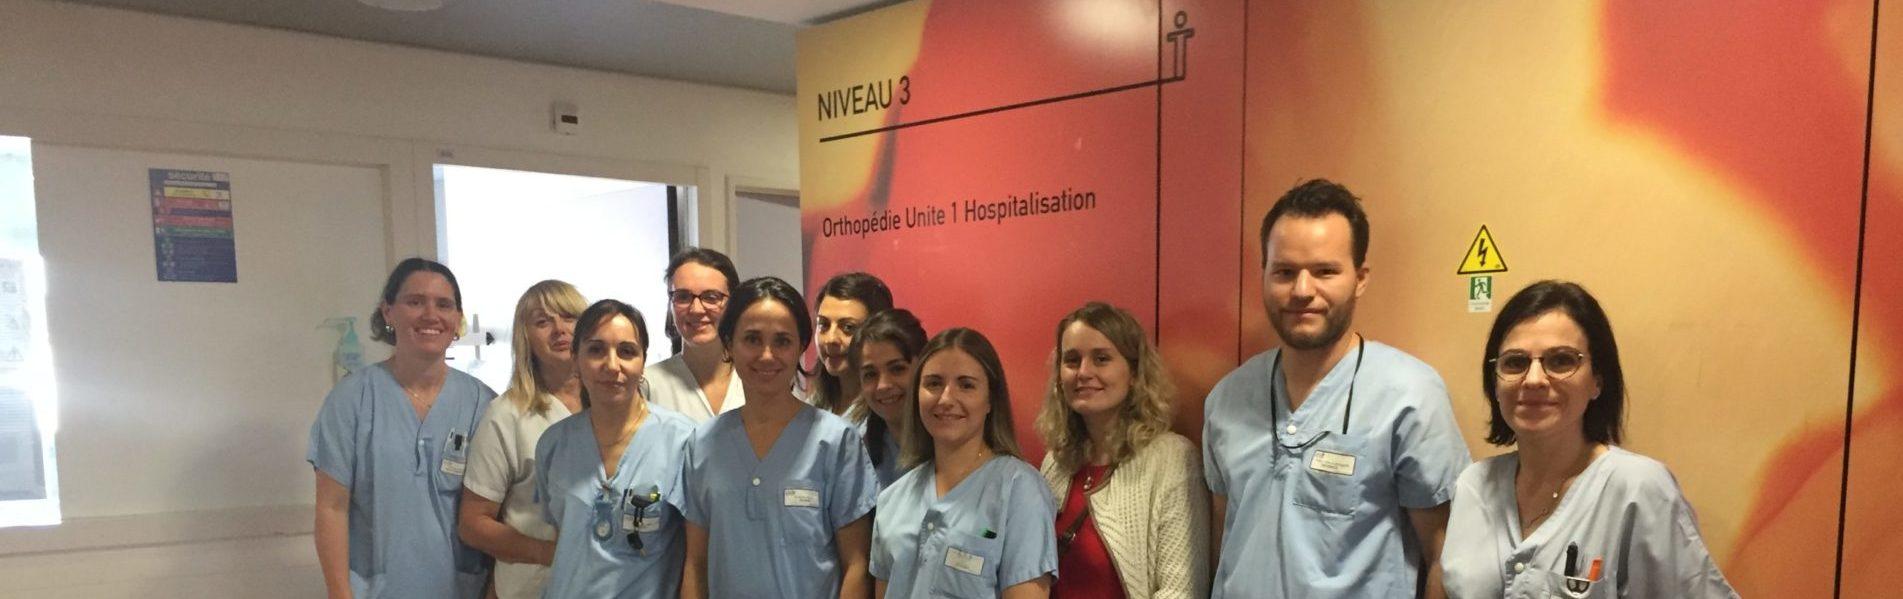 équipe paramédicale service de chirurgie orthopédie traumatologie CHU de Saint-Etienne